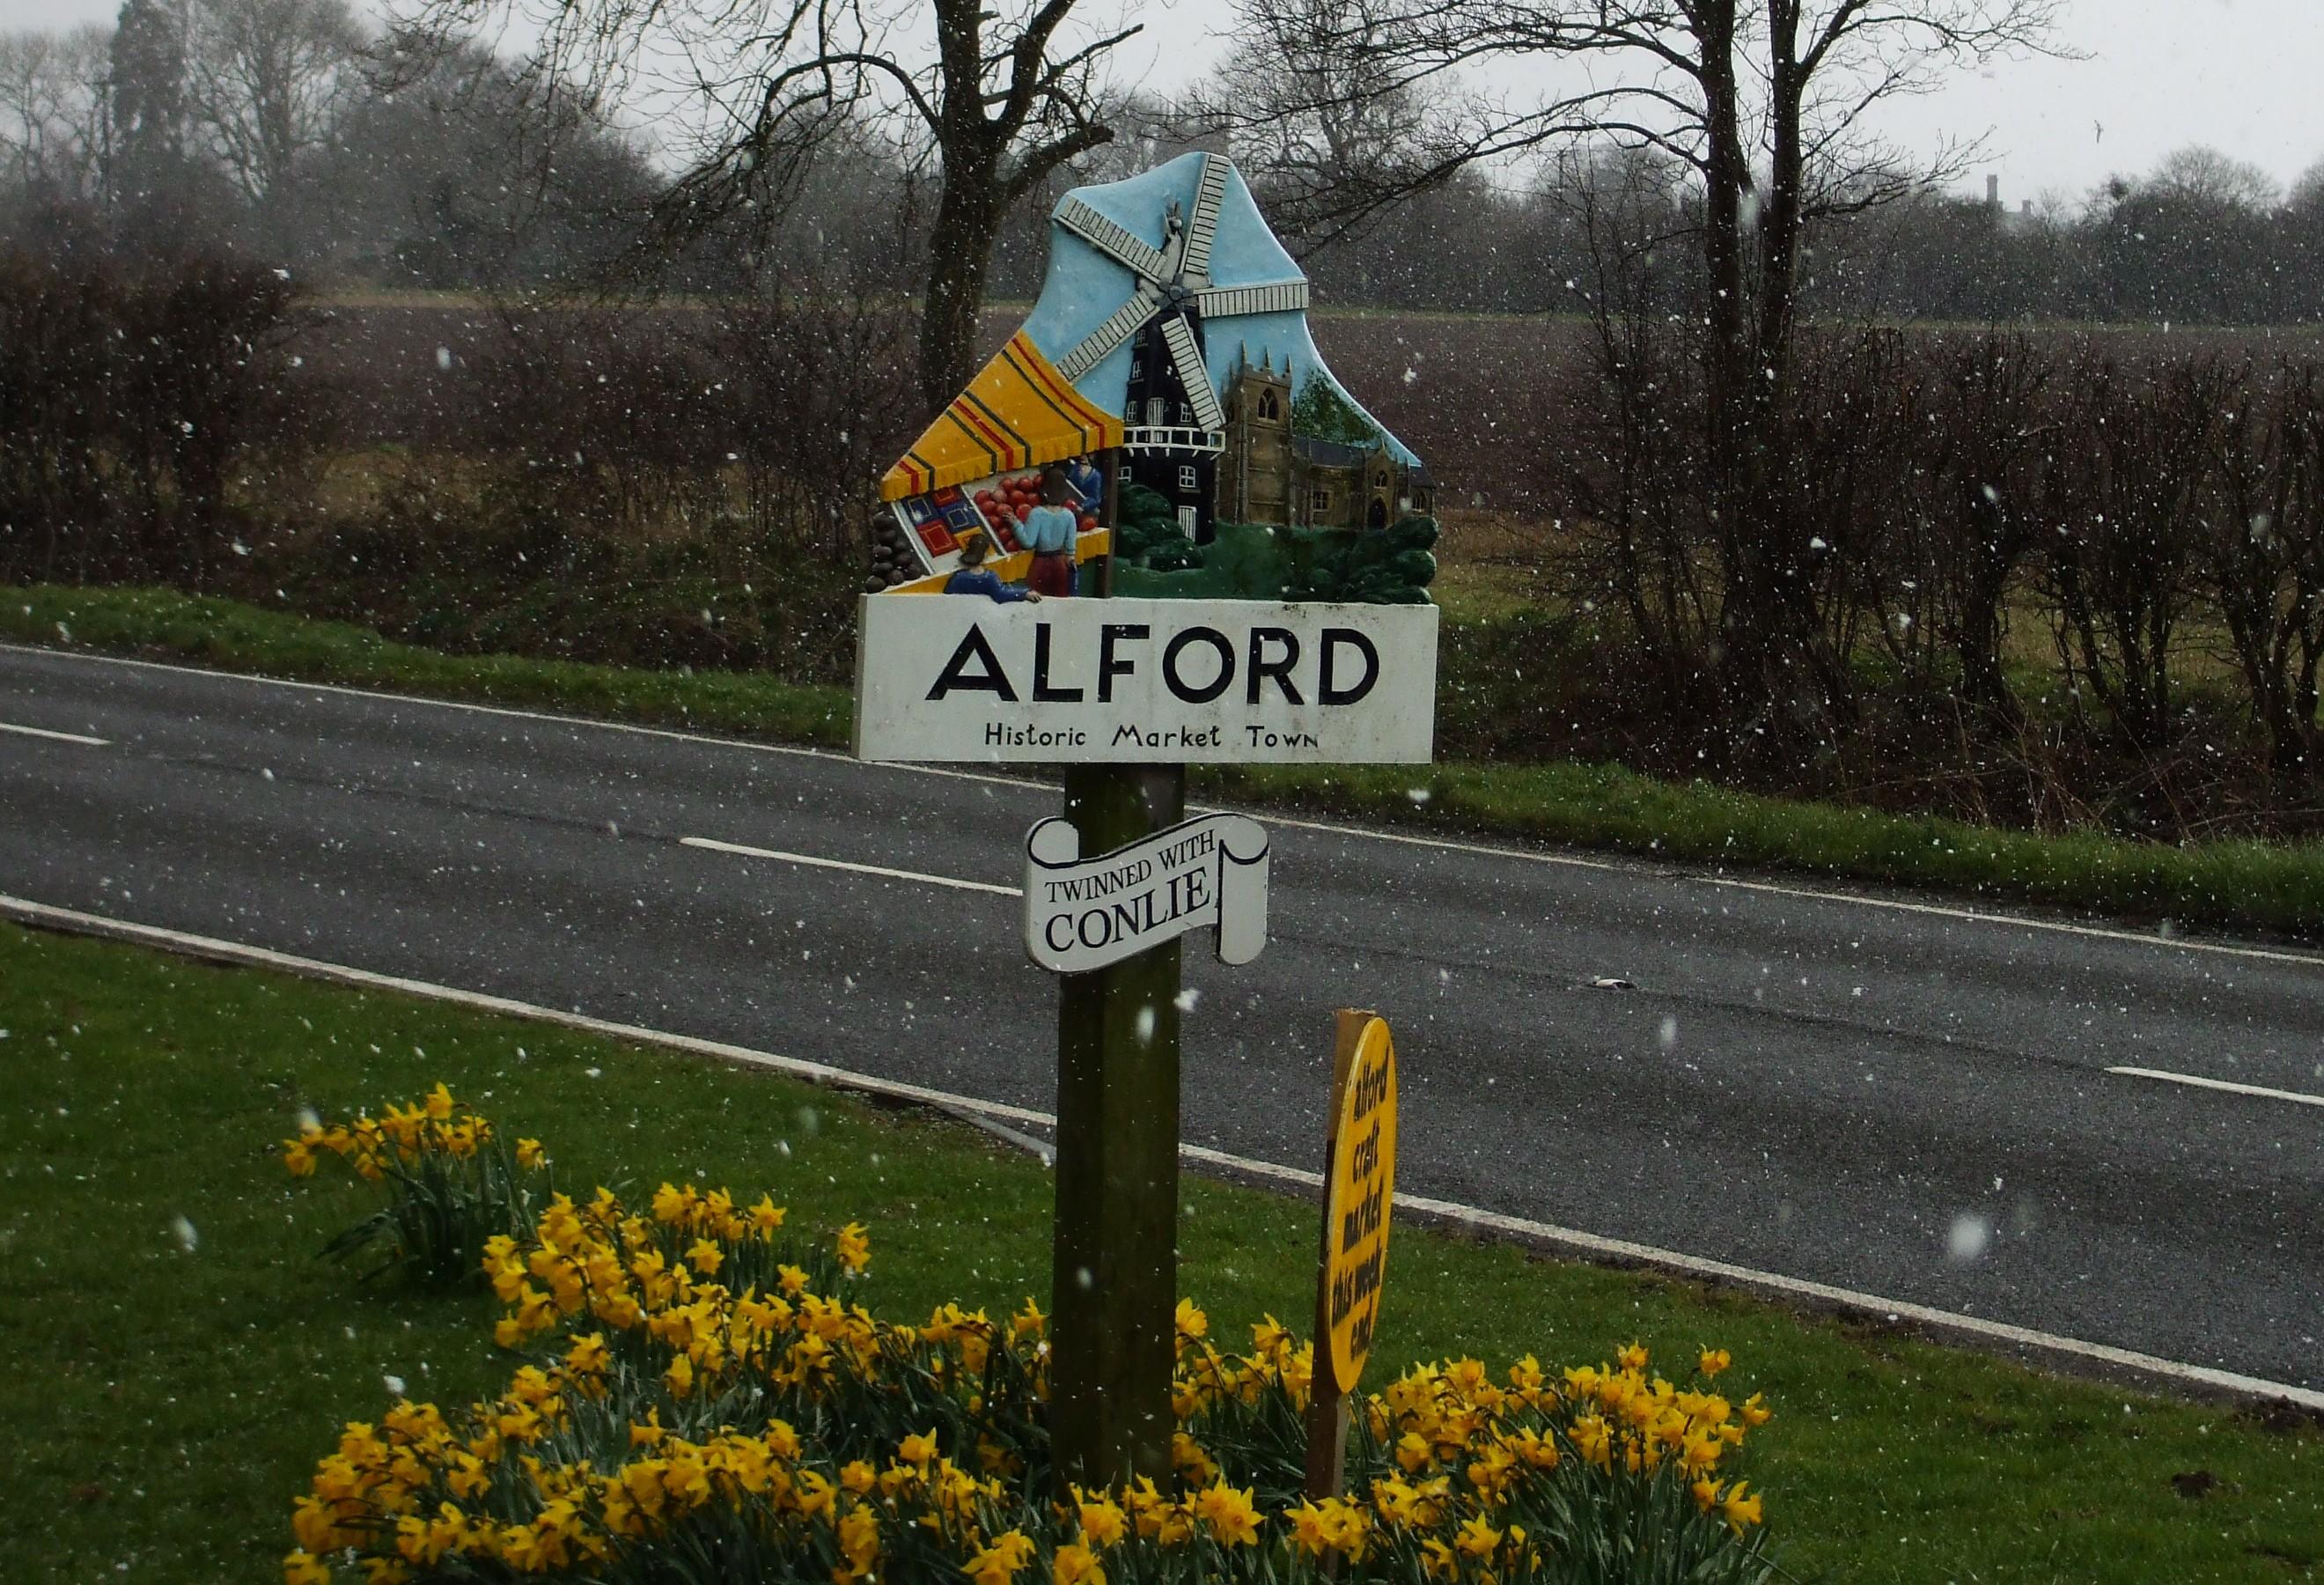 Alford village sign